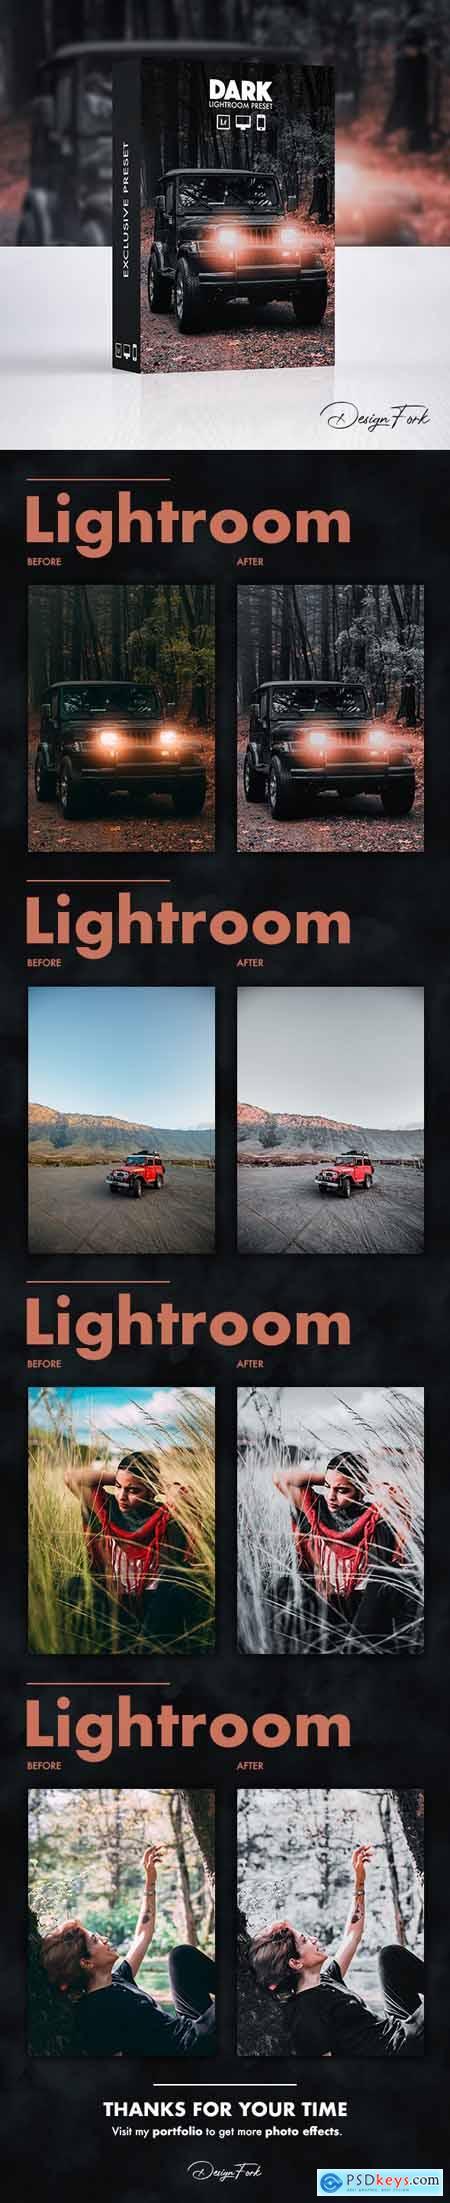 Dark Effect - Lightroom Preset 30069192